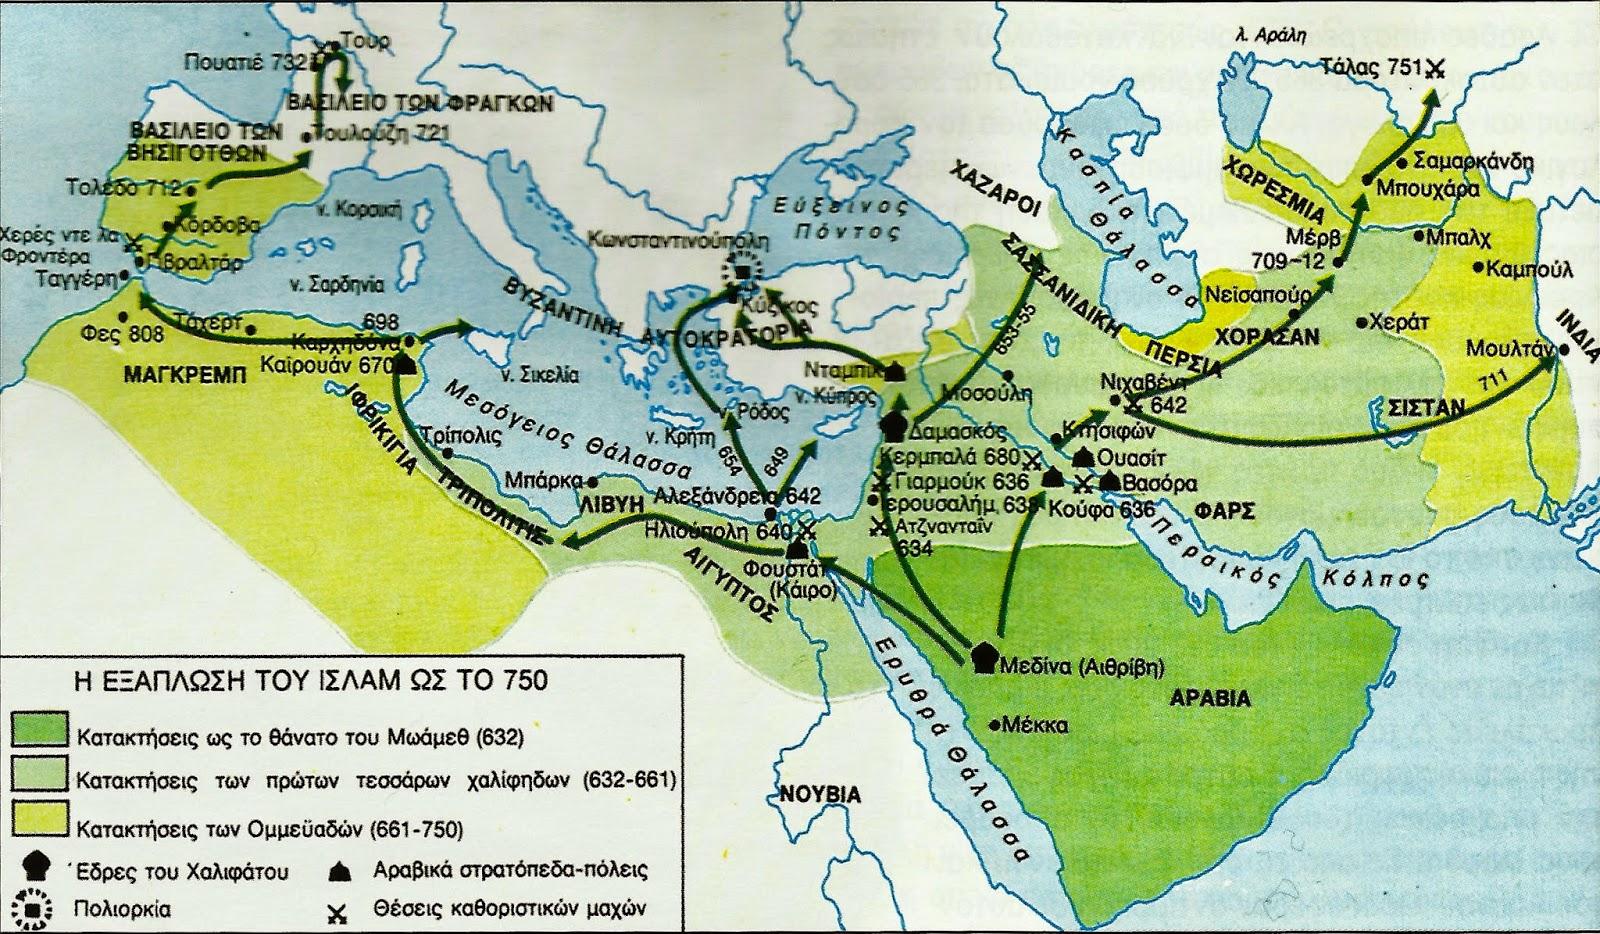 ΒΥΖΑΝΤΙΝΩΝ ΙΣΤΟΡΙΚΑ: H πρώτη αραβική επίθεση στην ΚΩΝΣΤΑΝΤΙΝΟΥΠΟΛΗ - 674  μ.Χ.